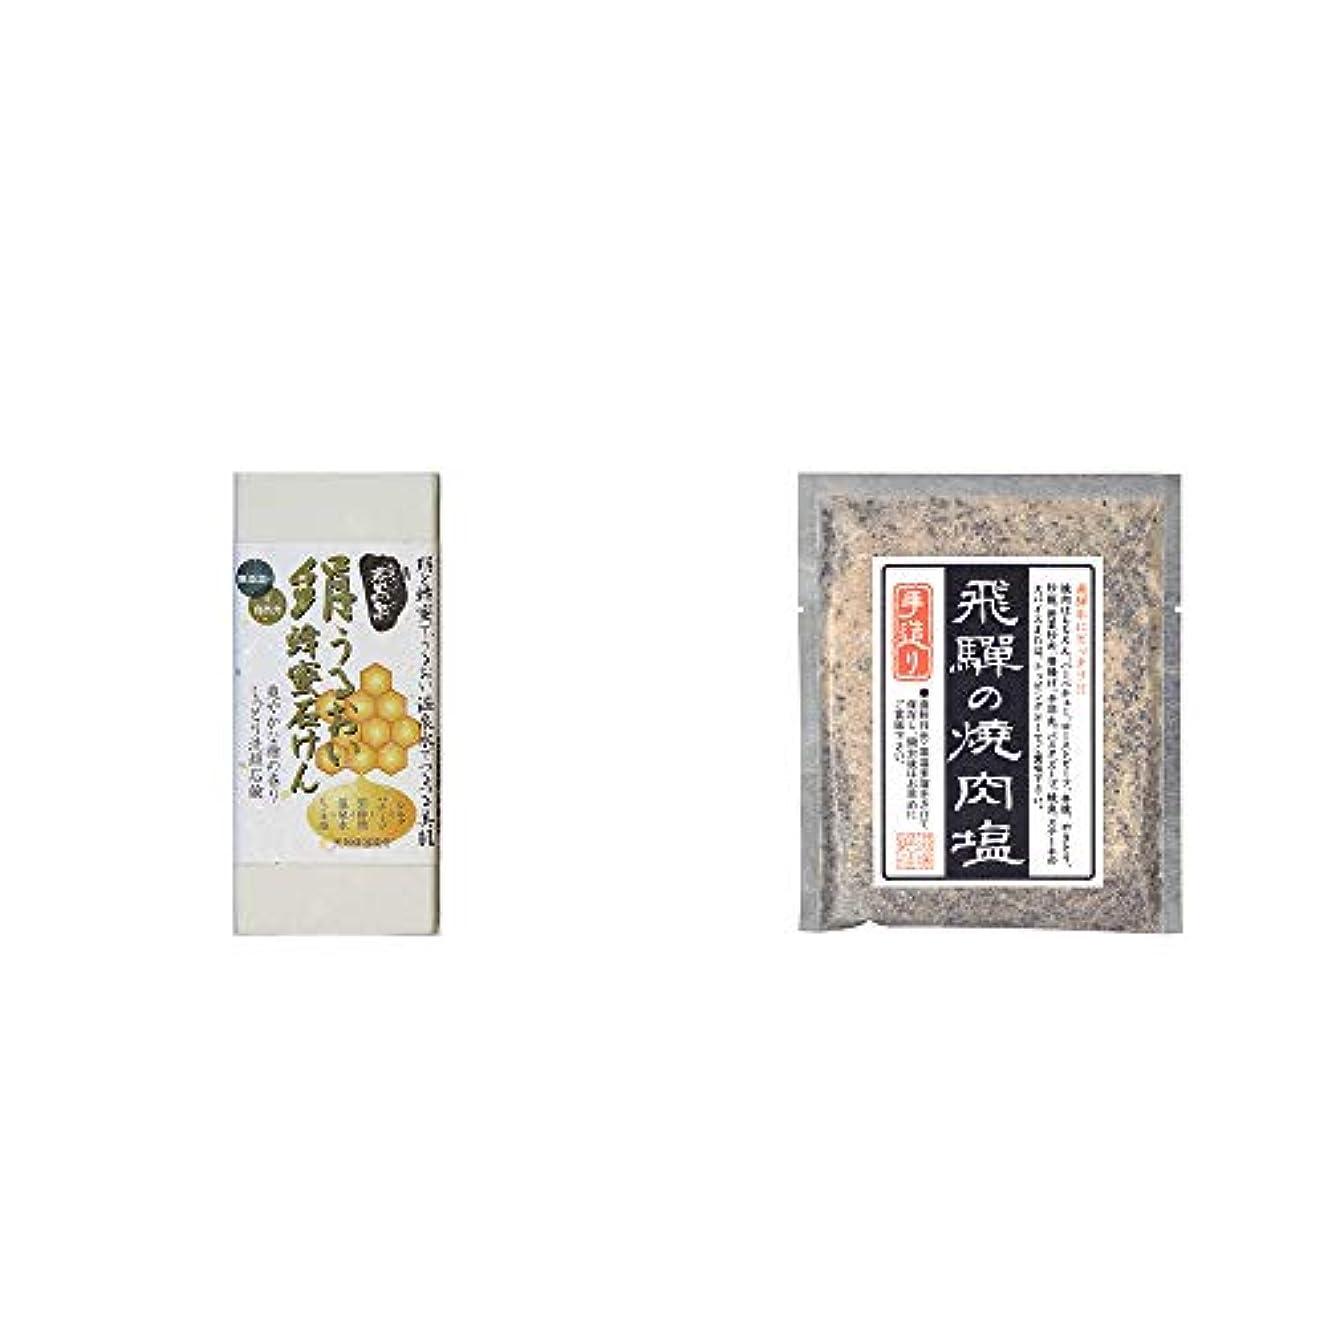 甘味達成する大量[2点セット] ひのき炭黒泉 絹うるおい蜂蜜石けん(75g×2)?手造り 飛騨の焼肉塩(80g)